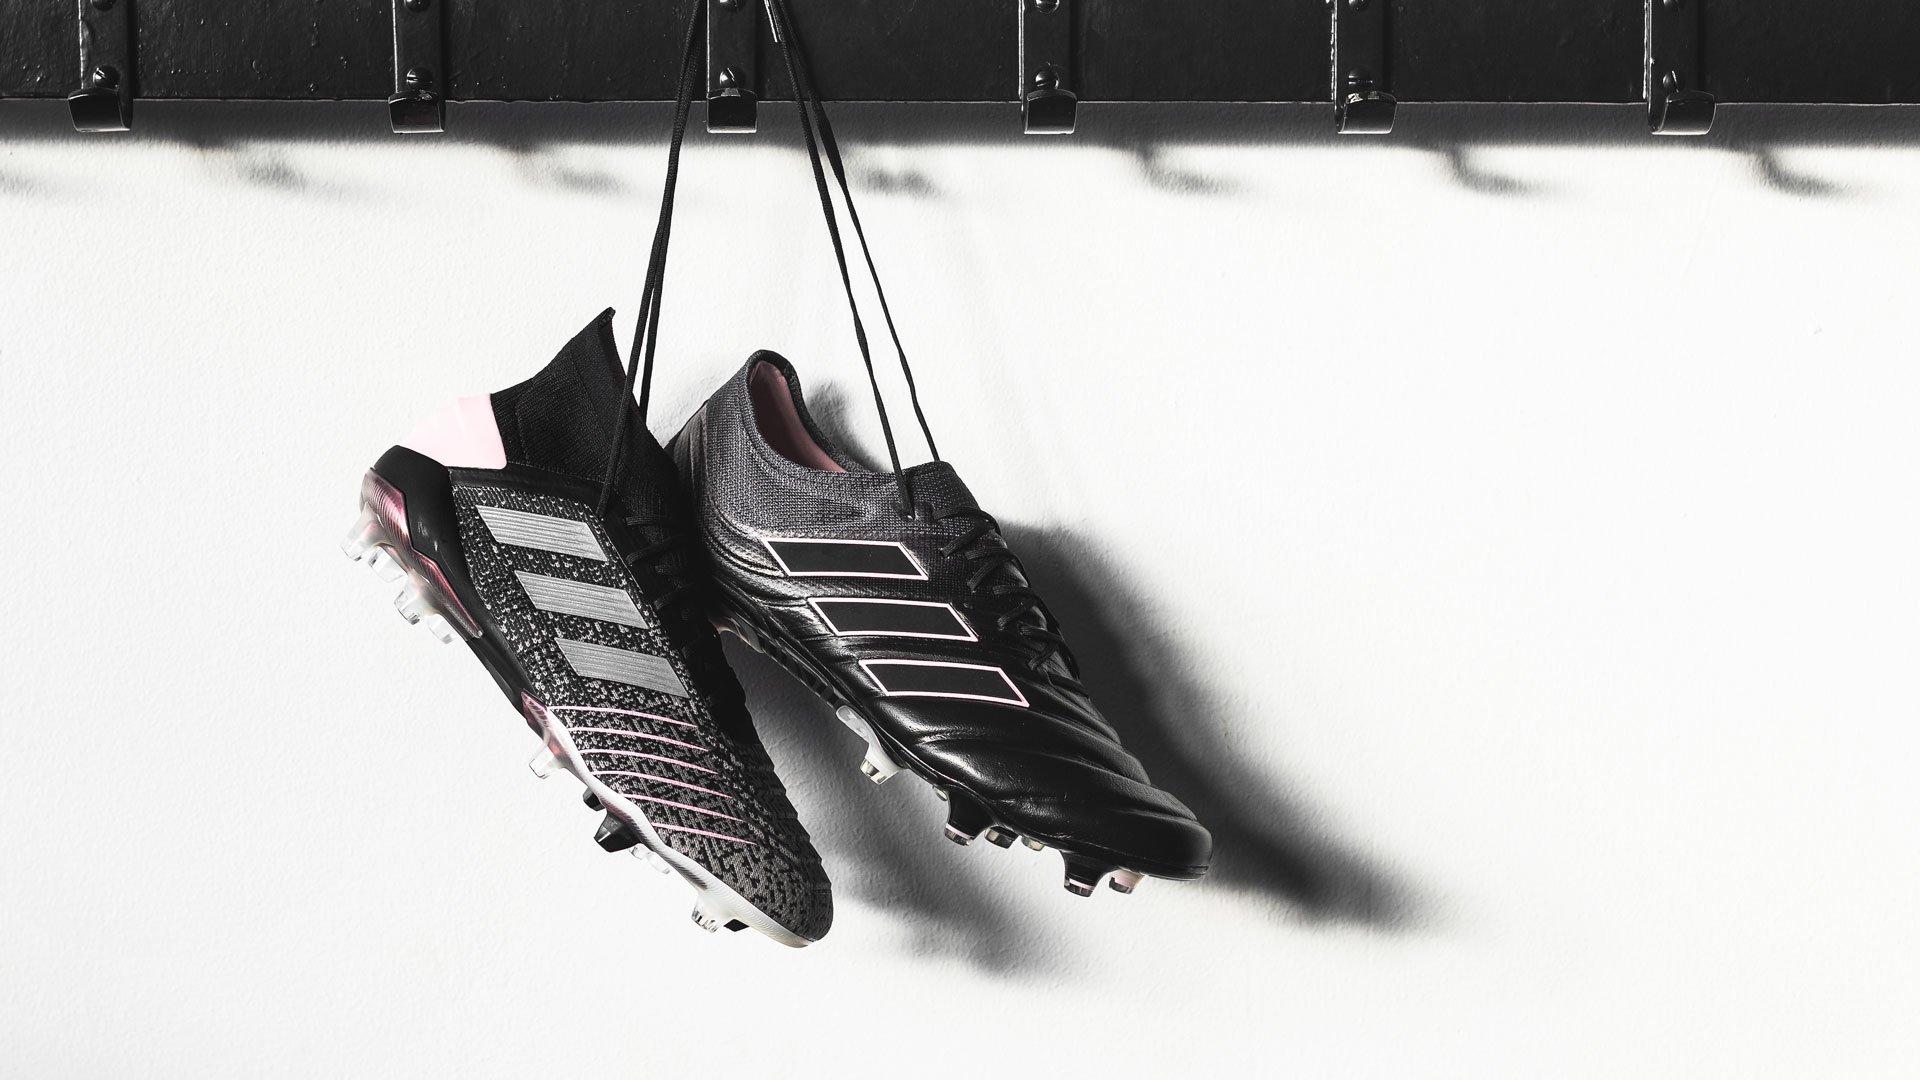 Neue adidas WMNS Fußballschuhe   Erfahre mehr über die neuen